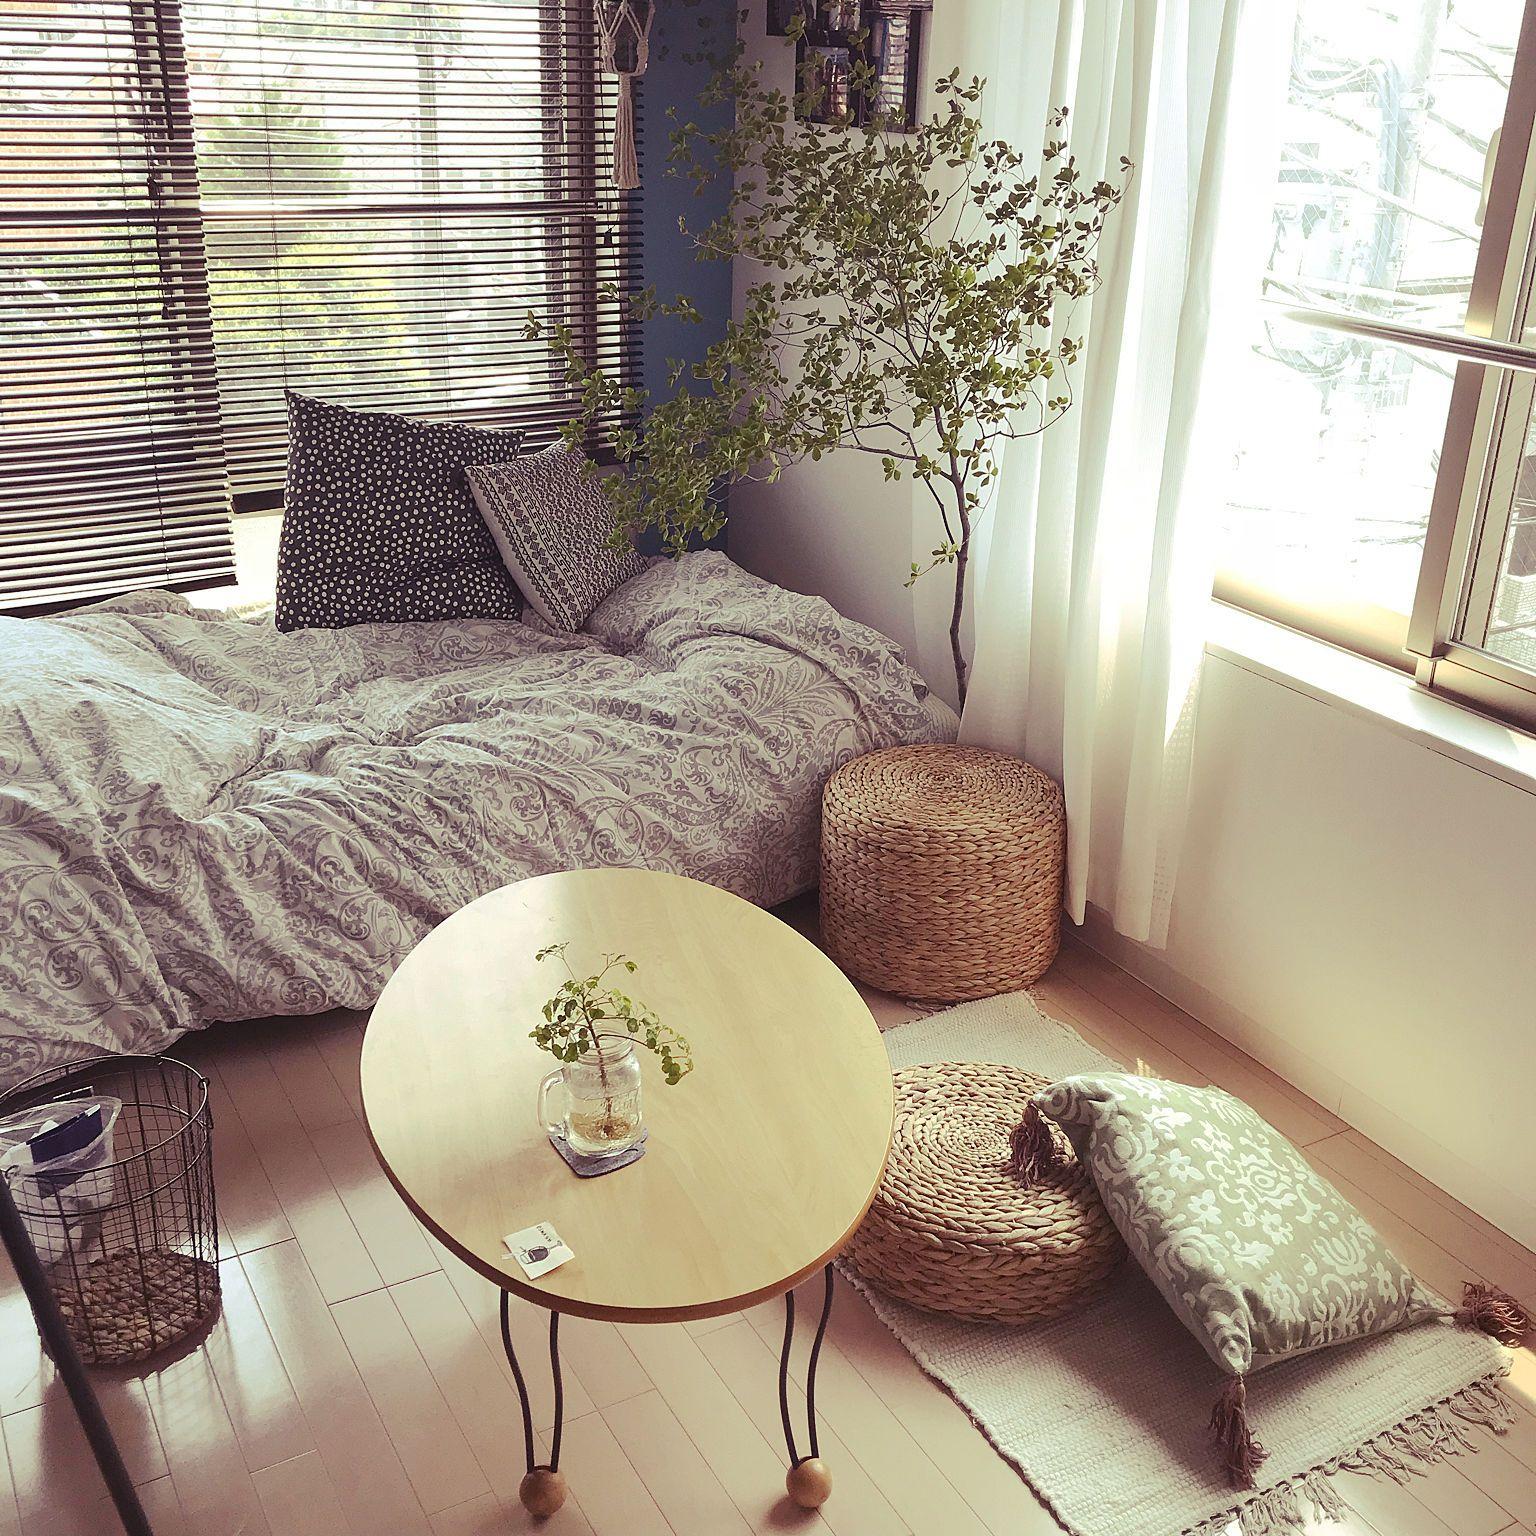 部屋全体 どうだんつつじ 一人暮らし Ikea ワンルーム 6畳 などのインテリア実例 2018 08 05 12 51 51 Roomclip ルームクリップ ワンルームアパートのデコレーション ワンルーム インテリア インテリア 1r